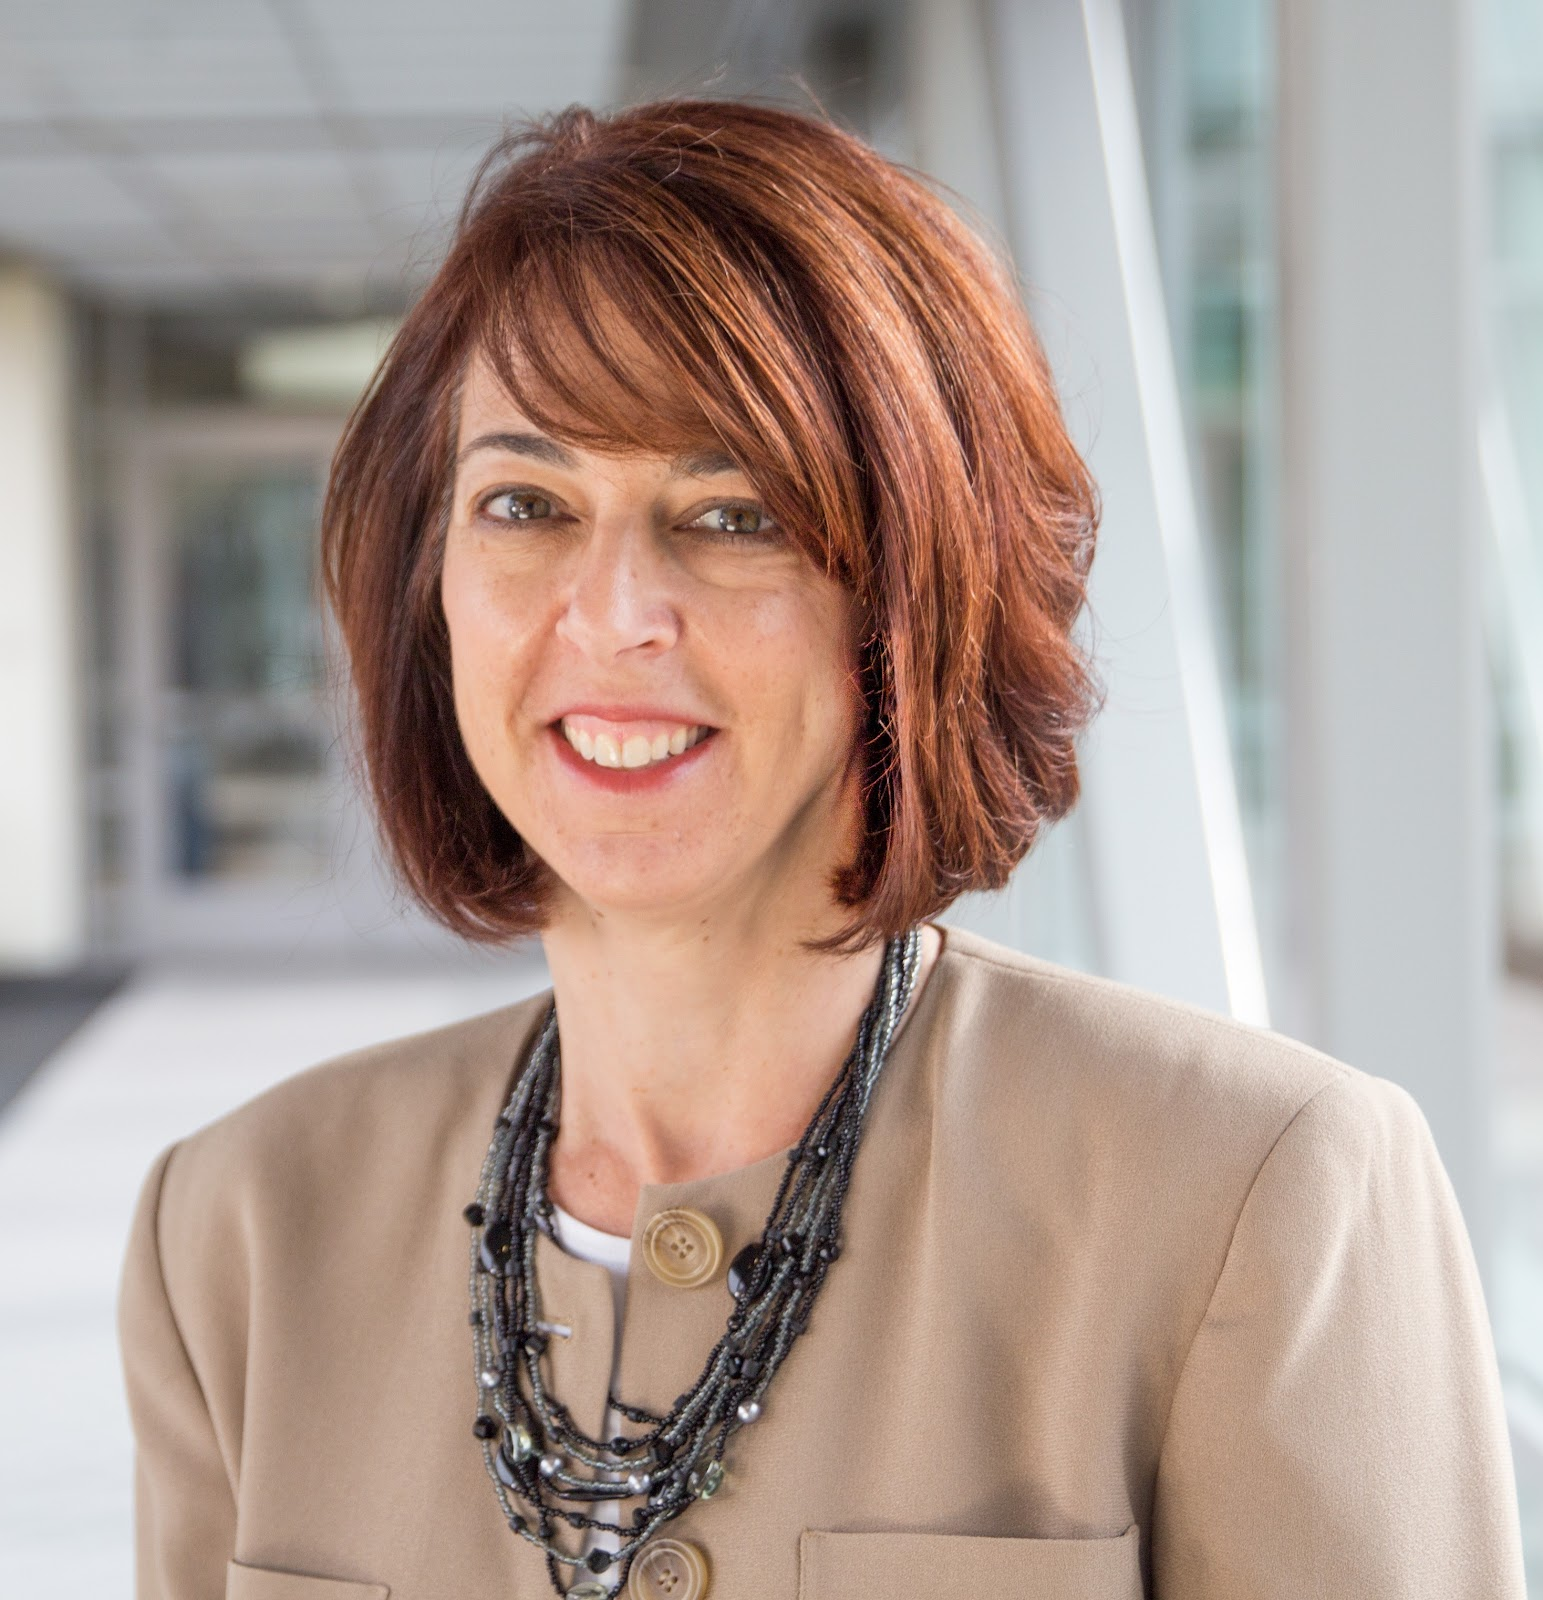 Humanyze's CEO Ellen Nussbaum